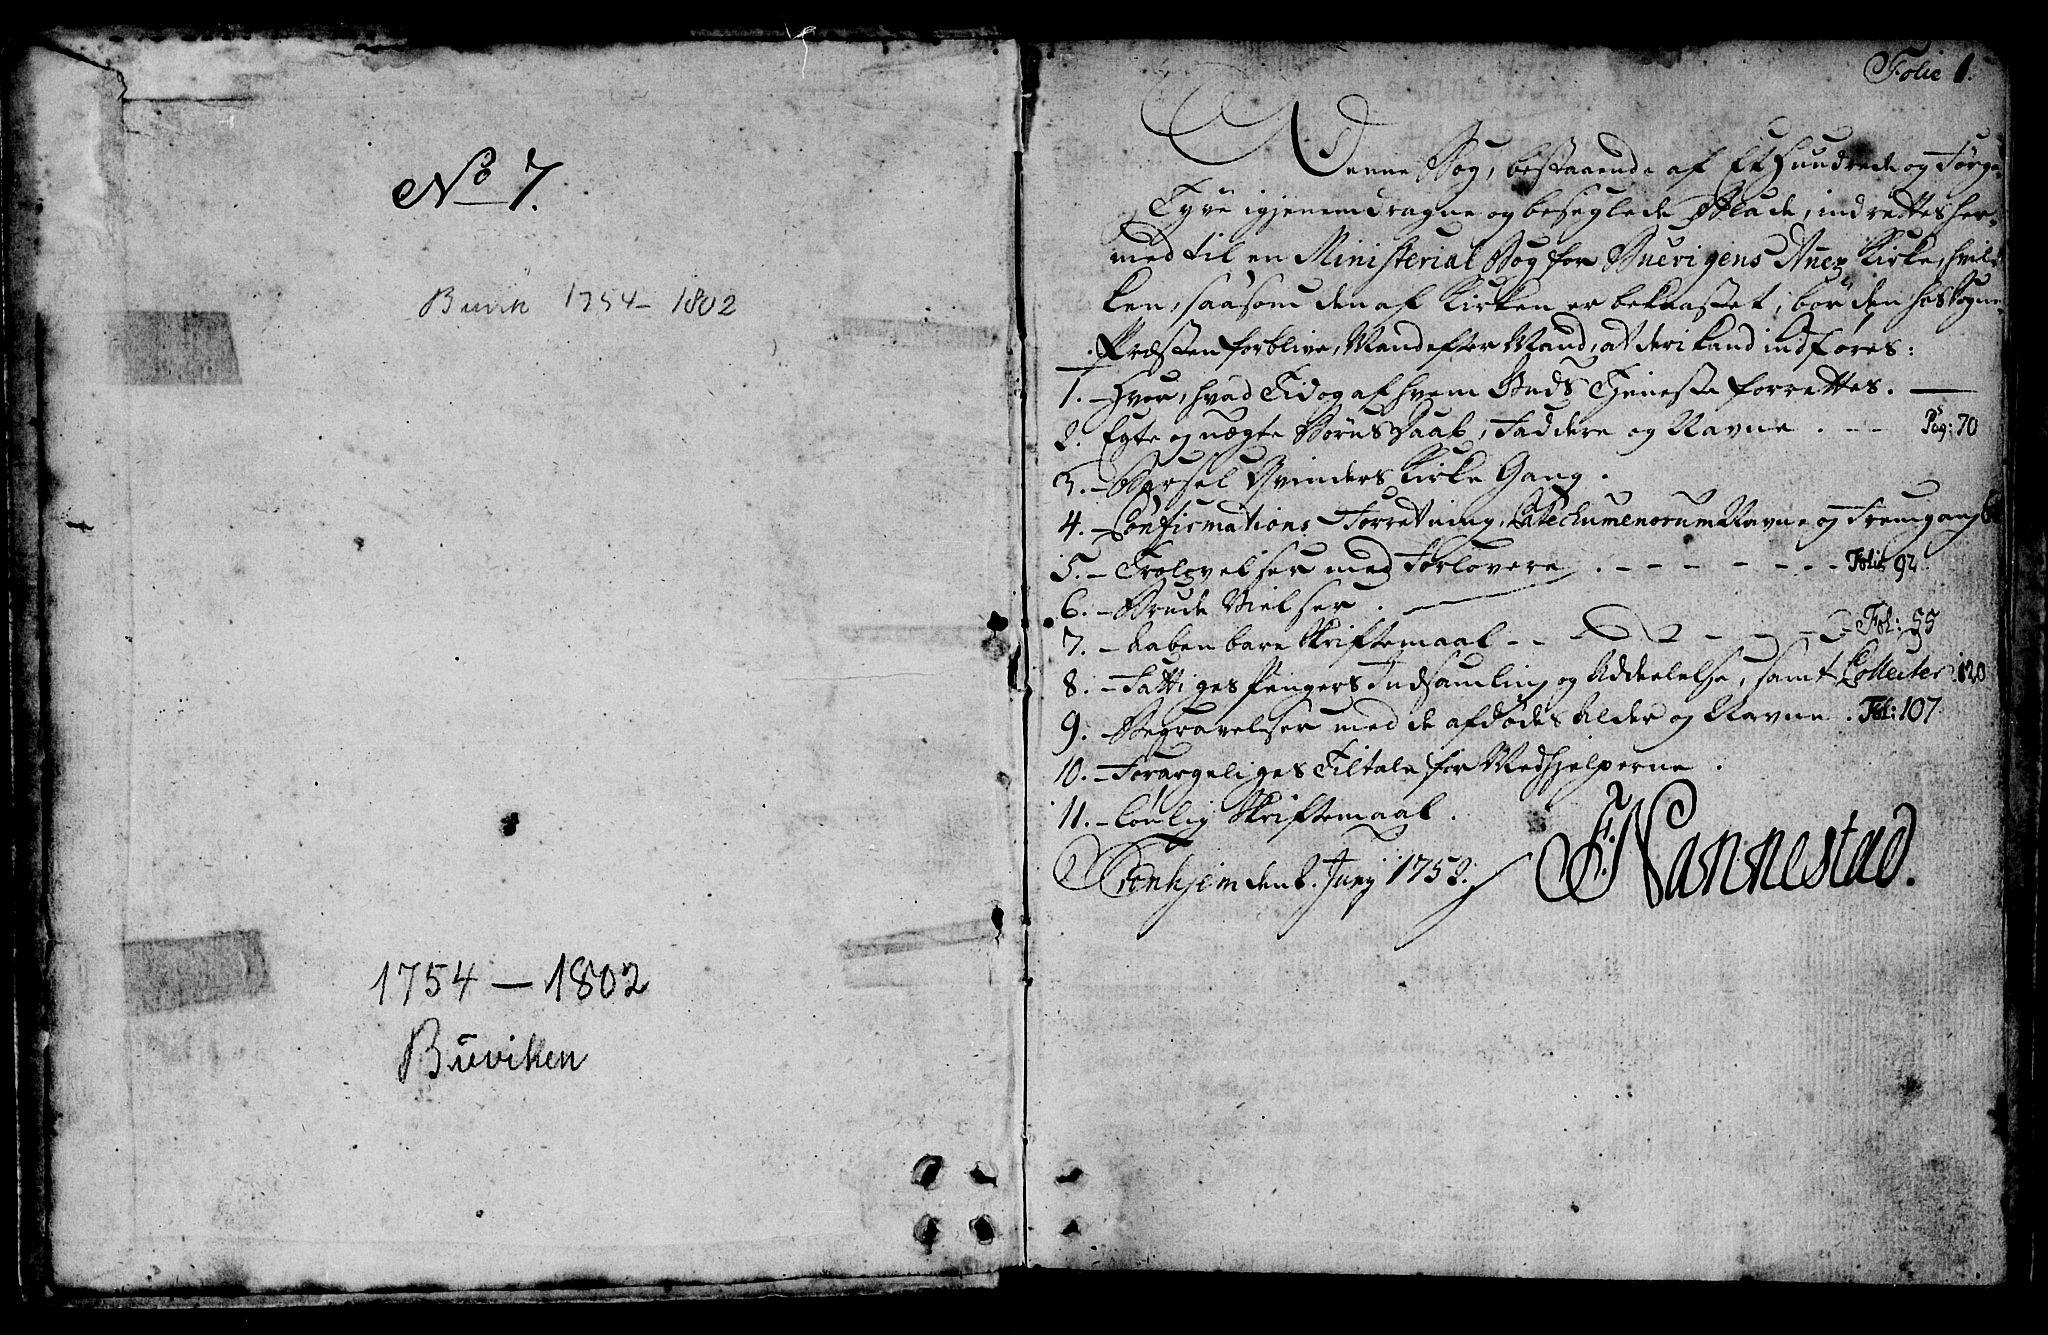 SAT, Ministerialprotokoller, klokkerbøker og fødselsregistre - Sør-Trøndelag, 666/L0784: Ministerialbok nr. 666A02, 1754-1802, s. 1